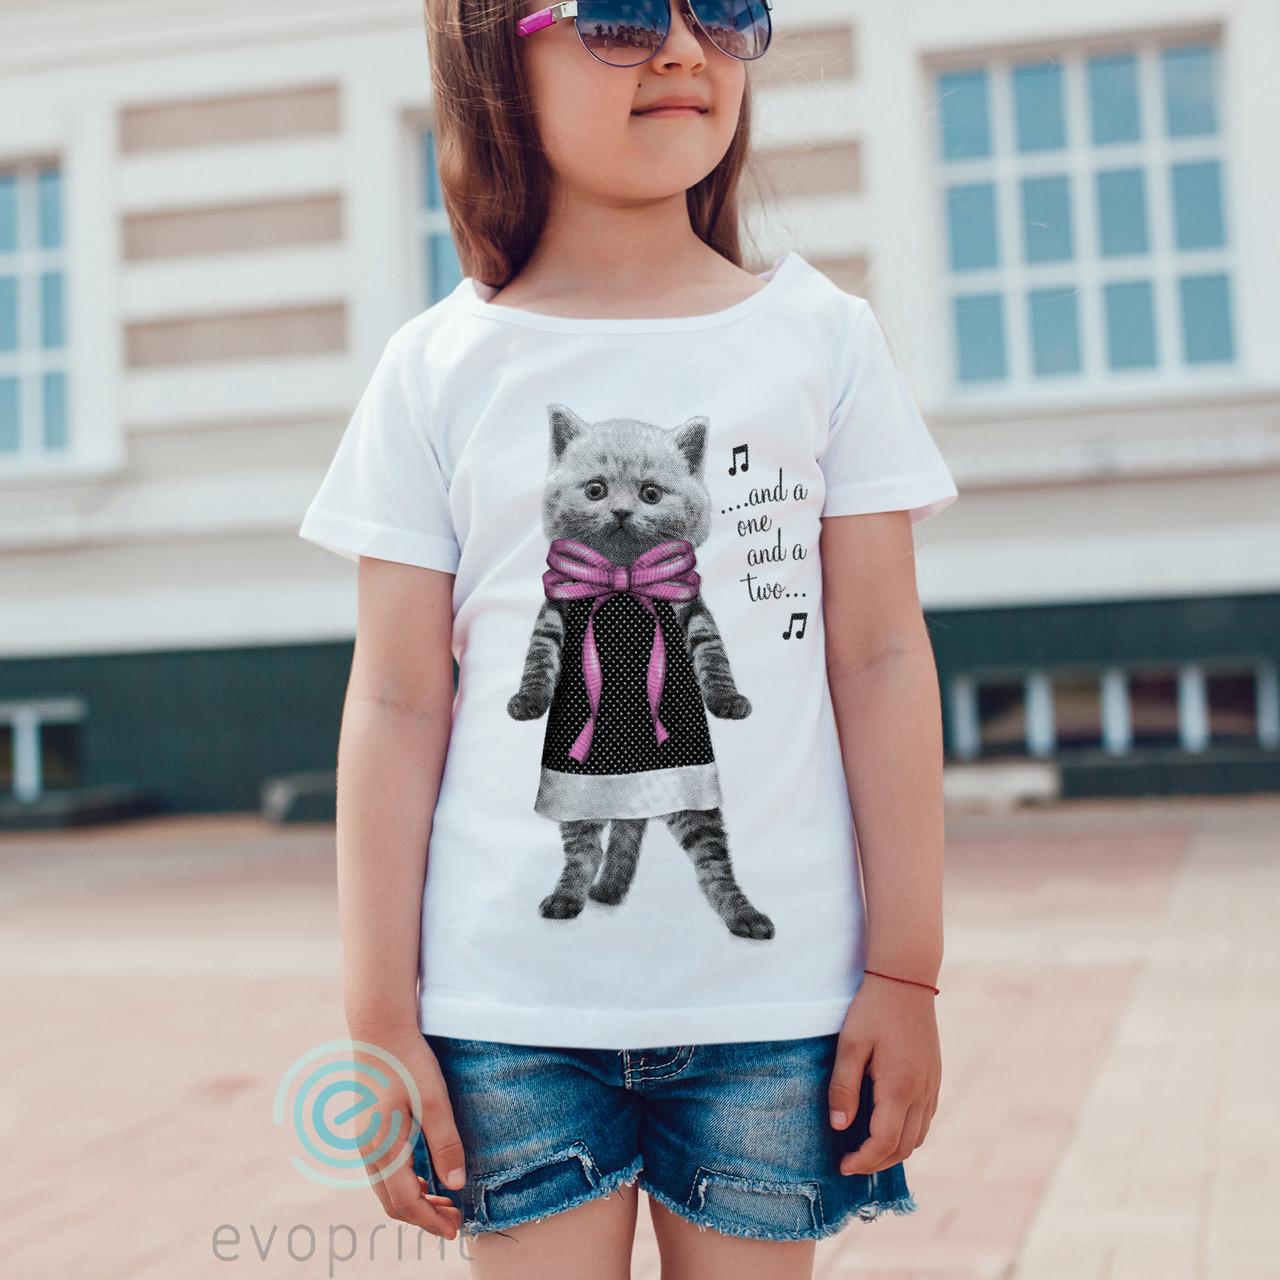 Качественная печать на детских футболках